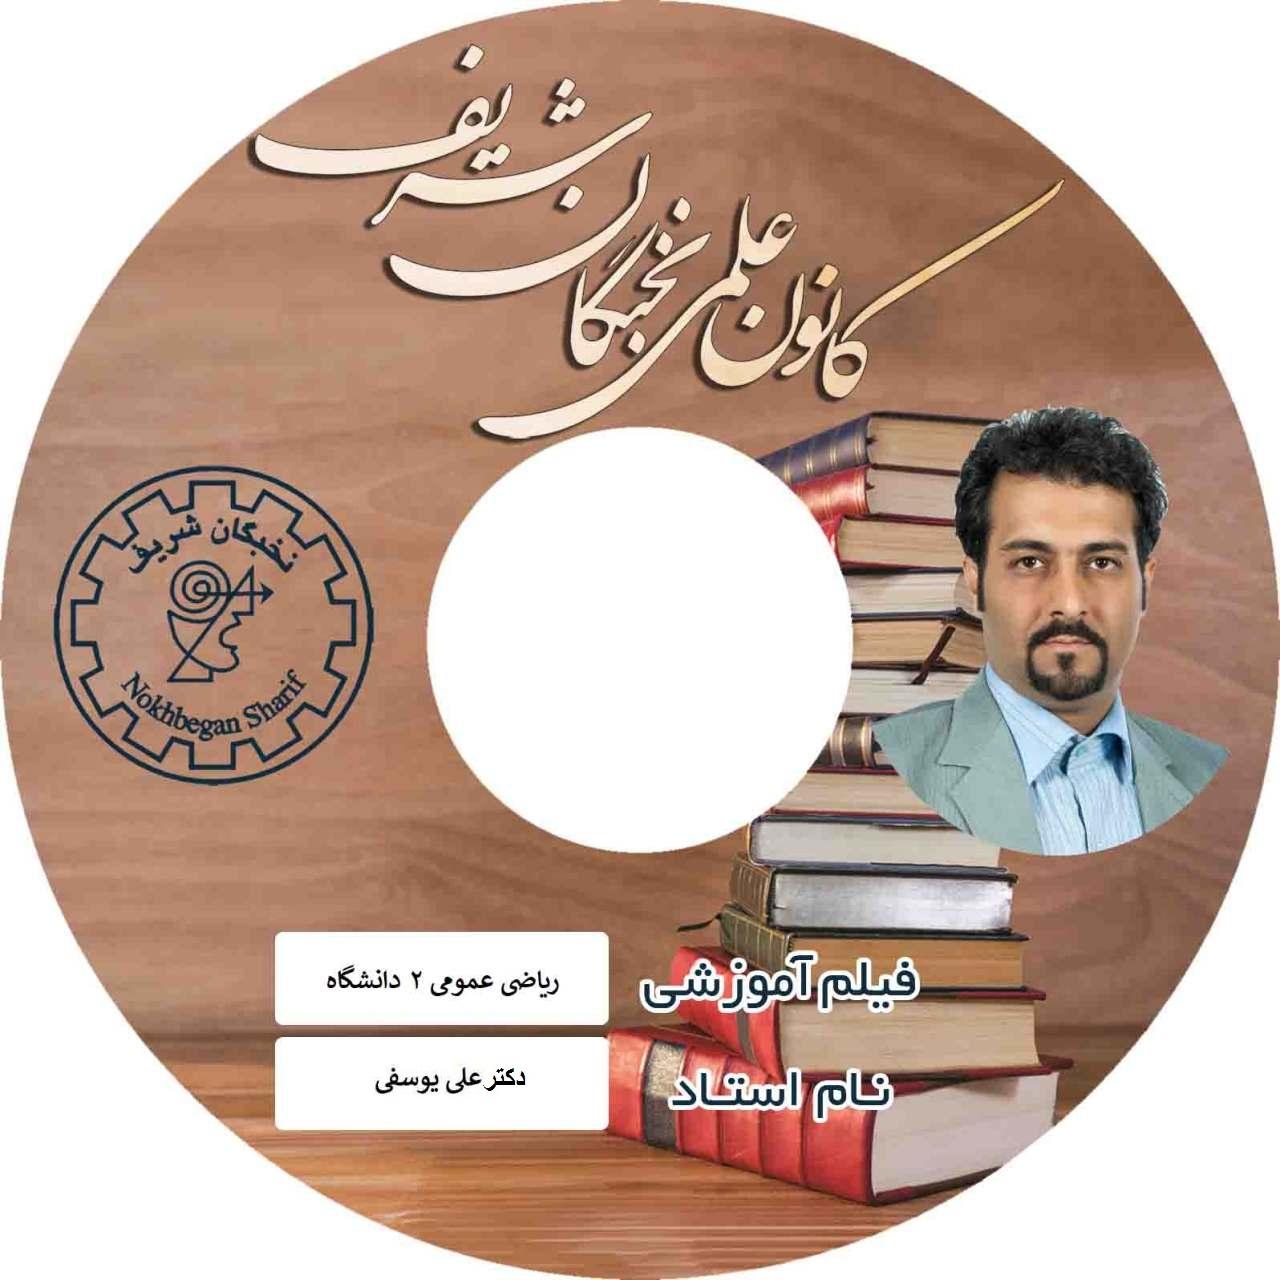 آموزش تصویری ریاضی ۲ دانشگاه نشر کانون علمی نخبگان شریف